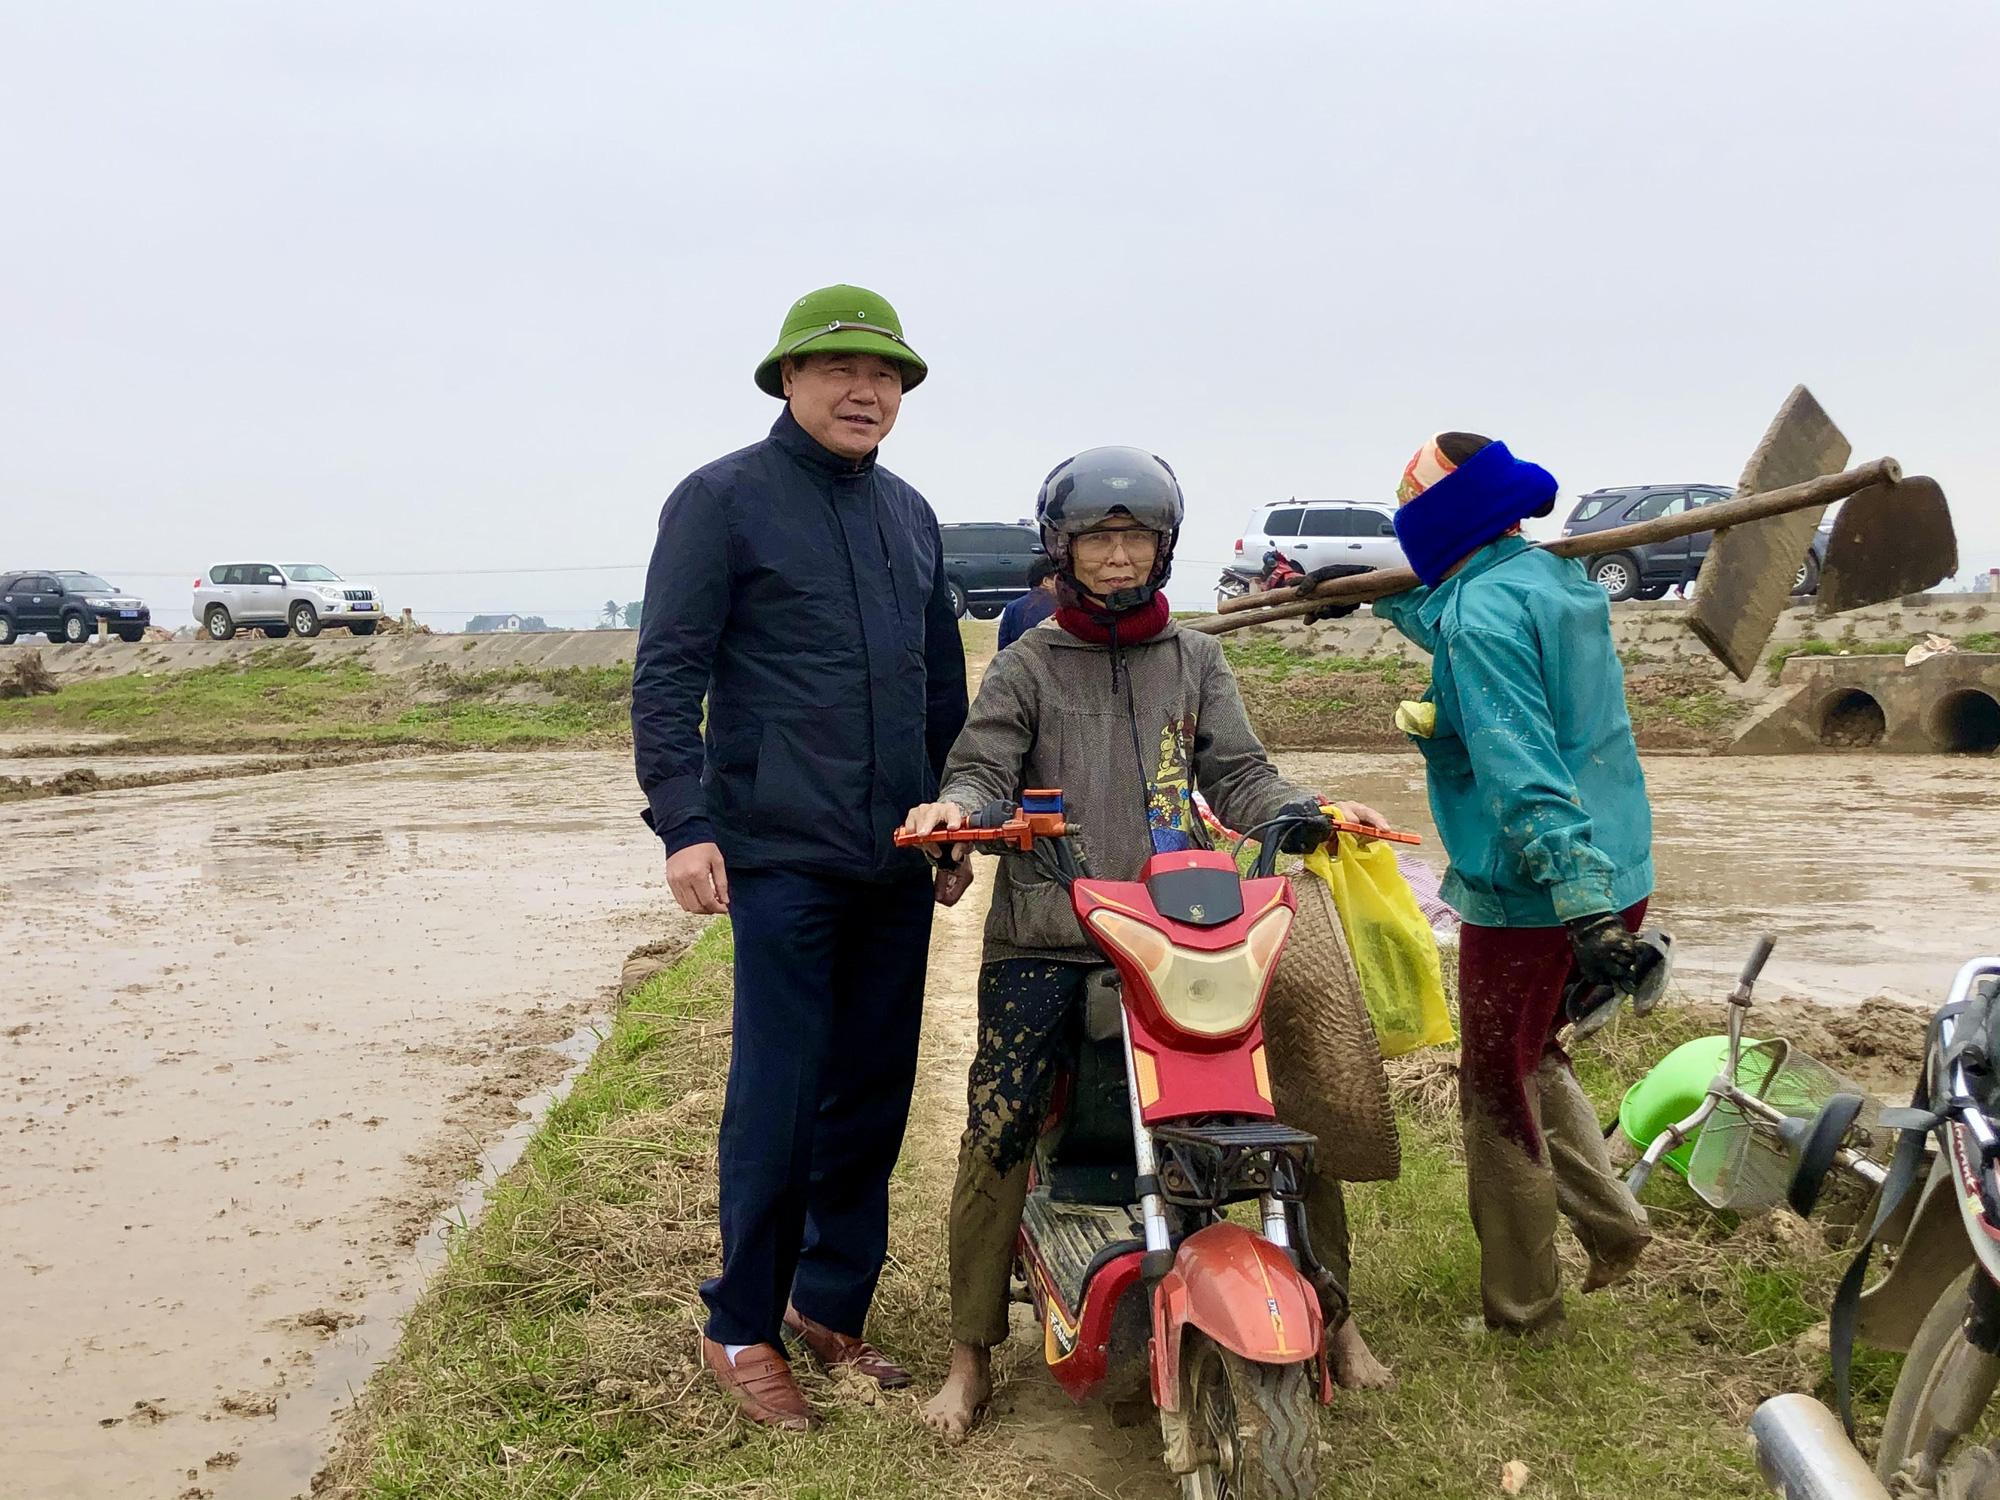 Tập trung khắc phục khó khăn, khôi phục sản xuất nông nghiệp sau thiên tai tại Hà Tĩnh và Quảng Bình - Ảnh 7.